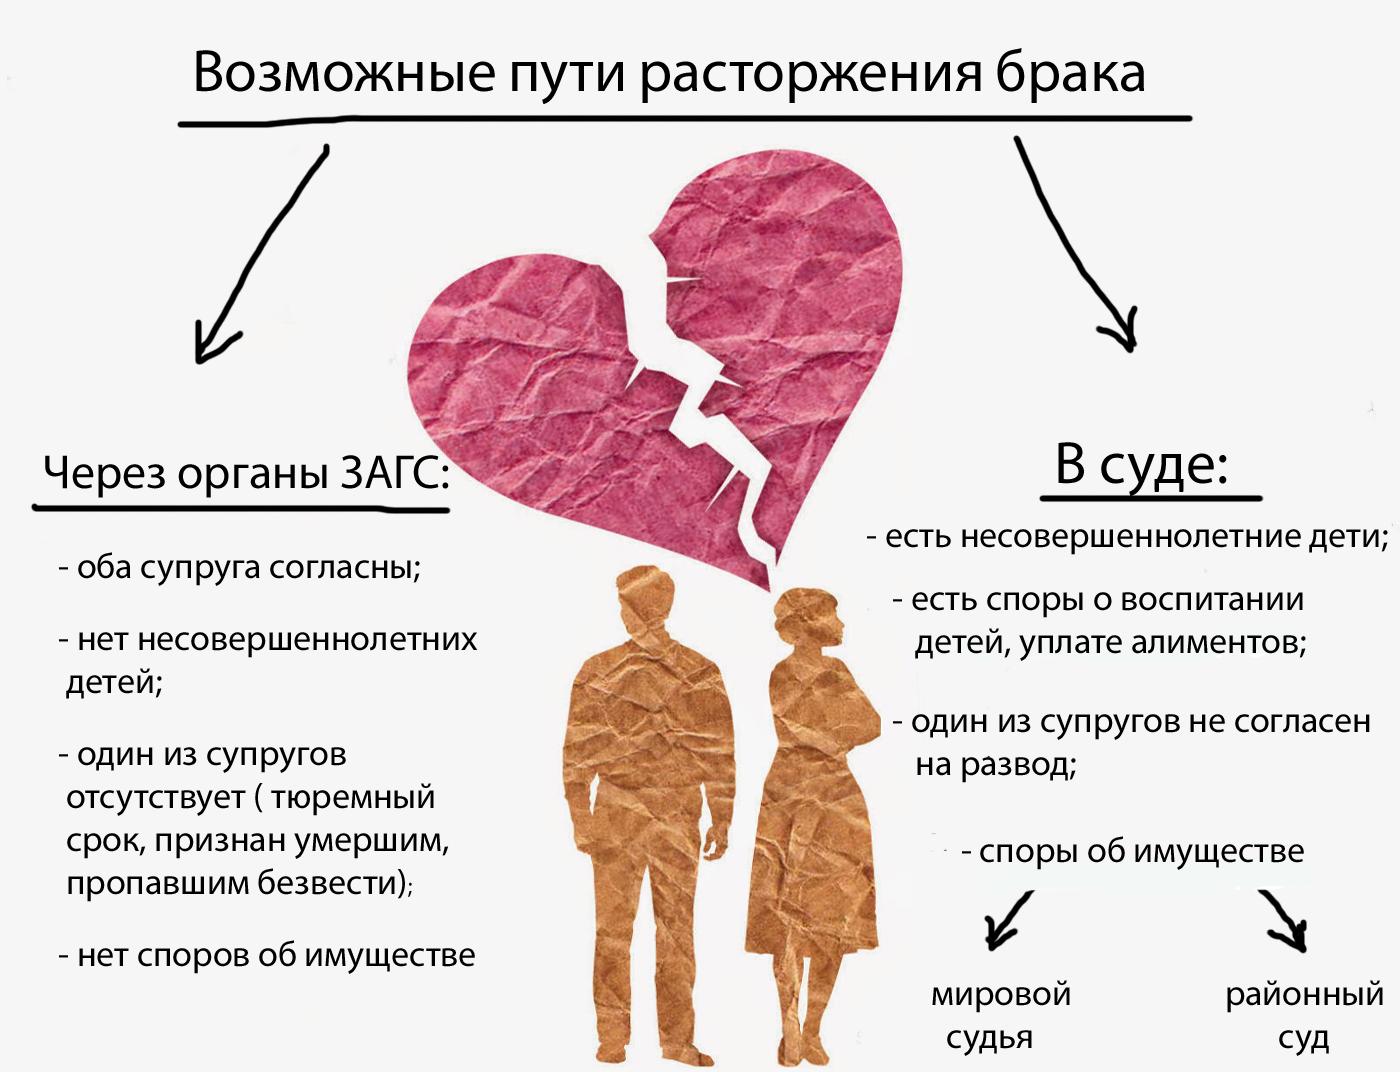 Варианты разводов